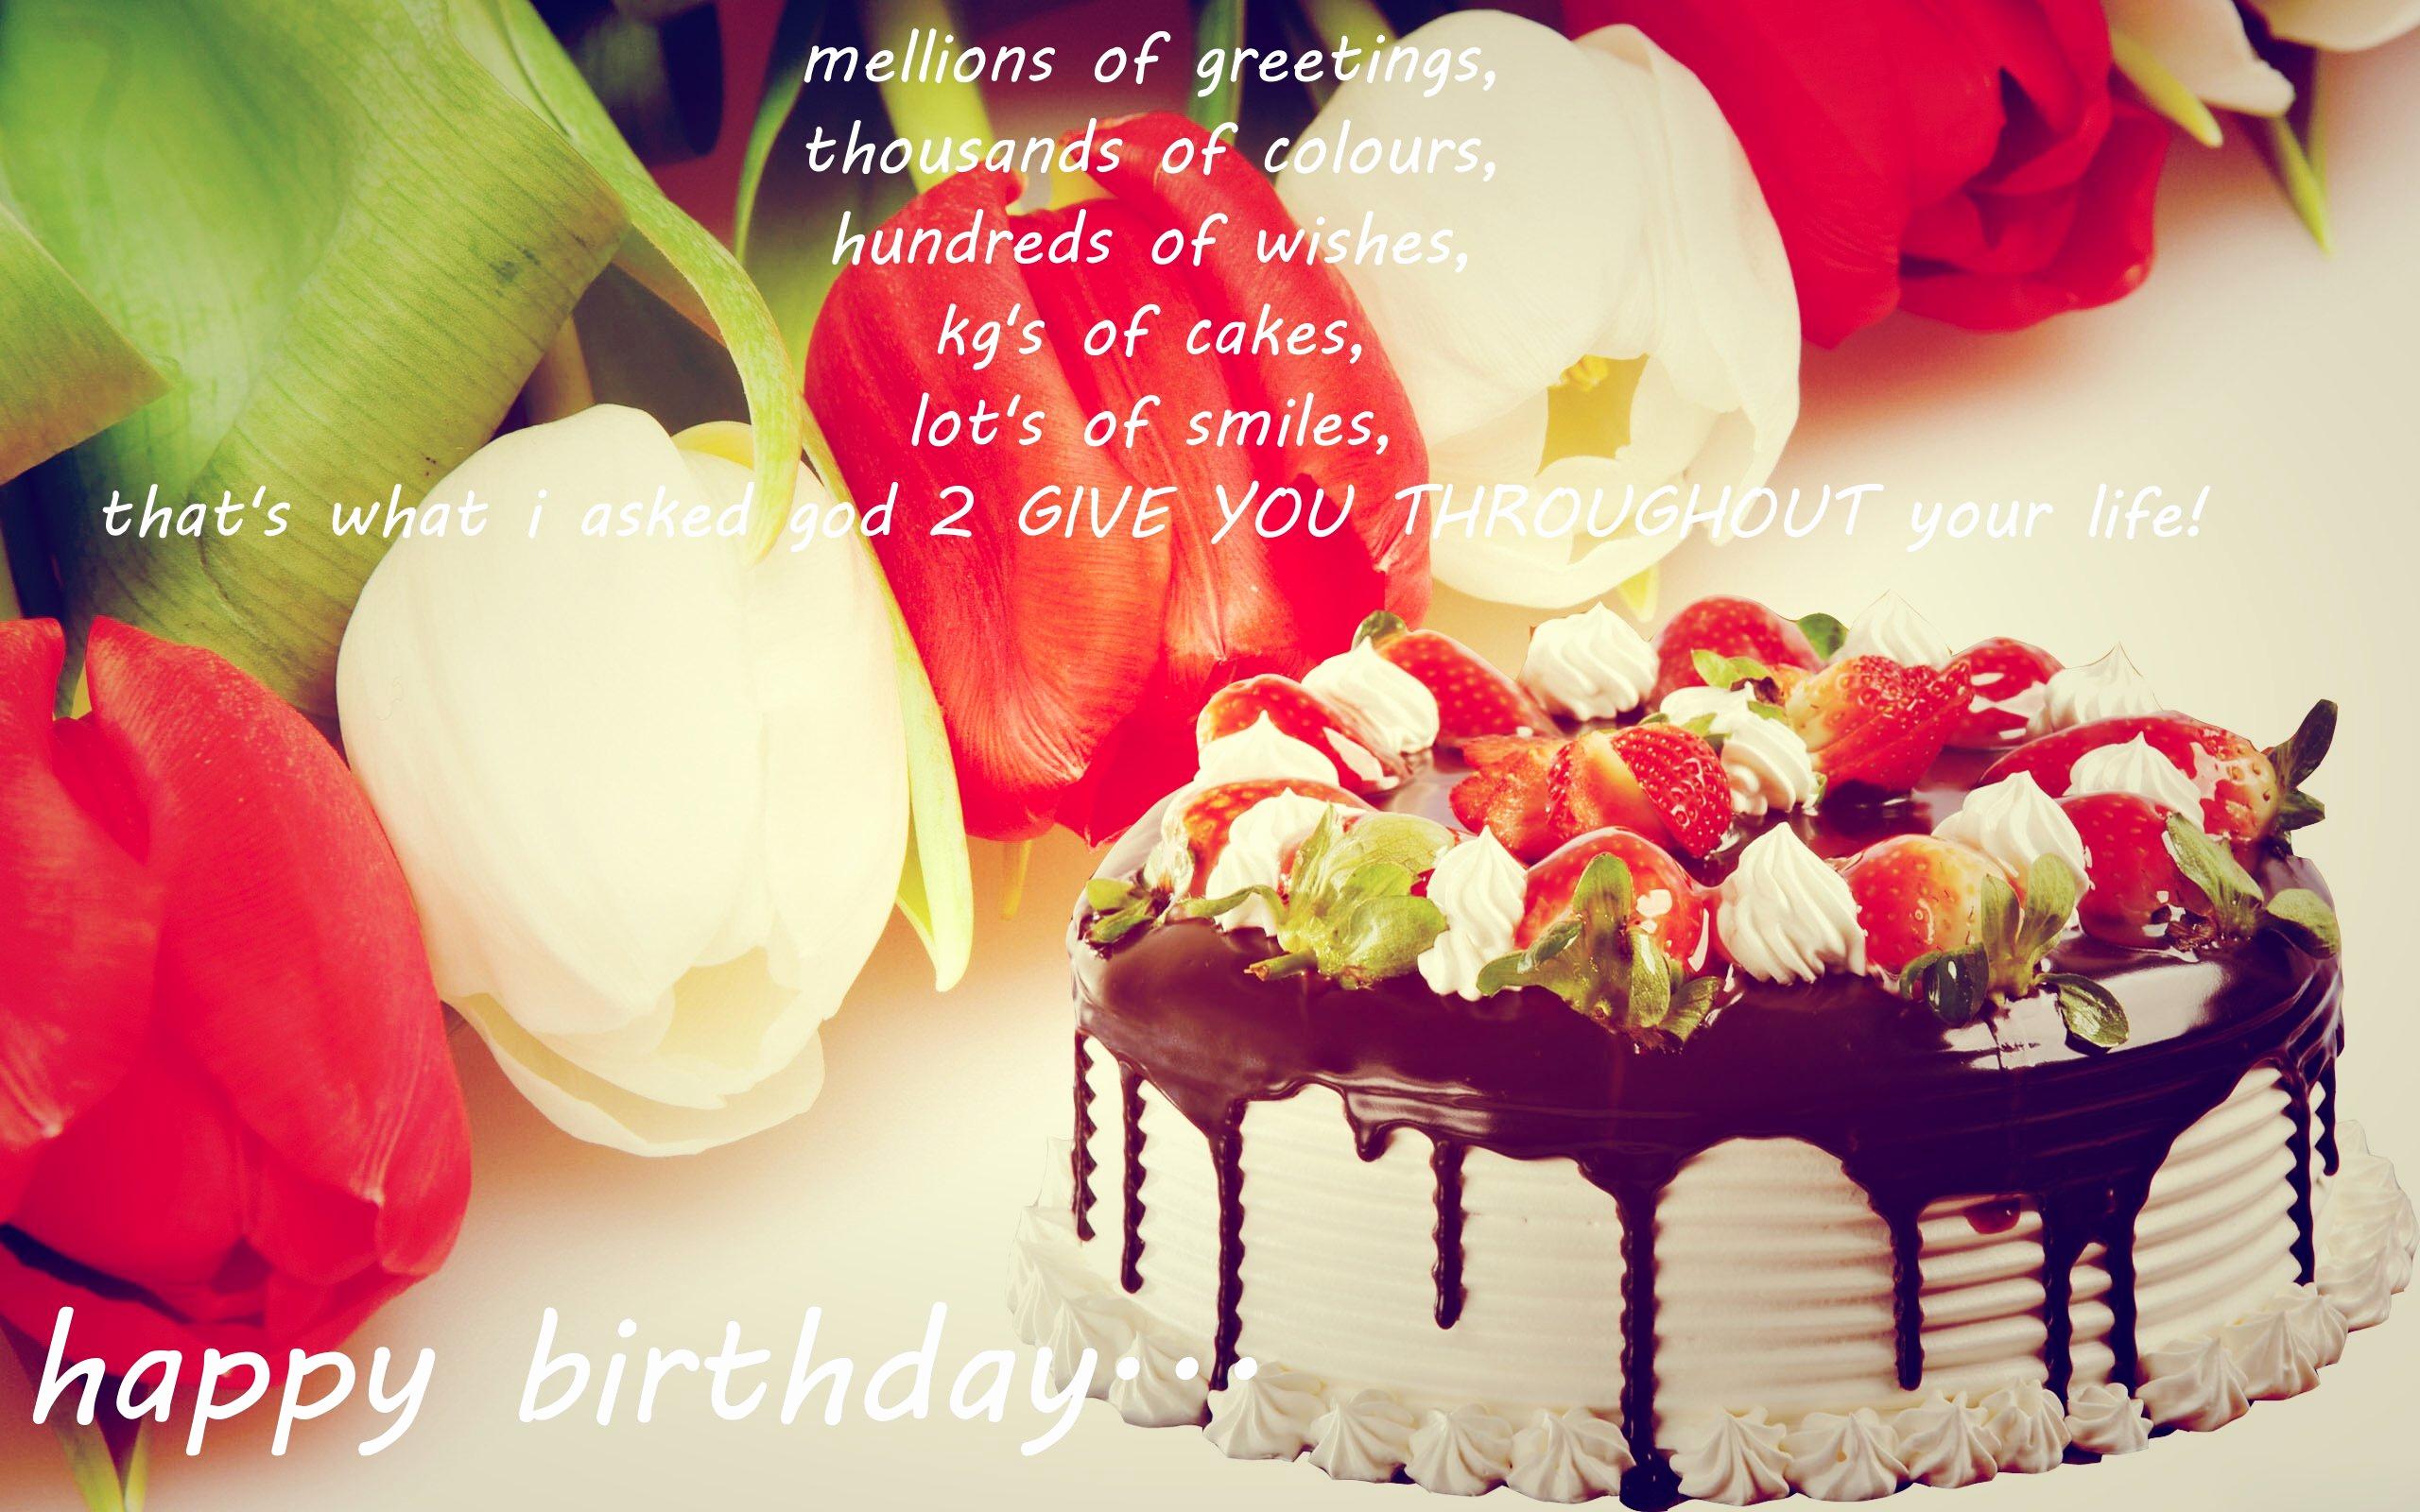 Free Happy Birthday Picture New Happy Birthday